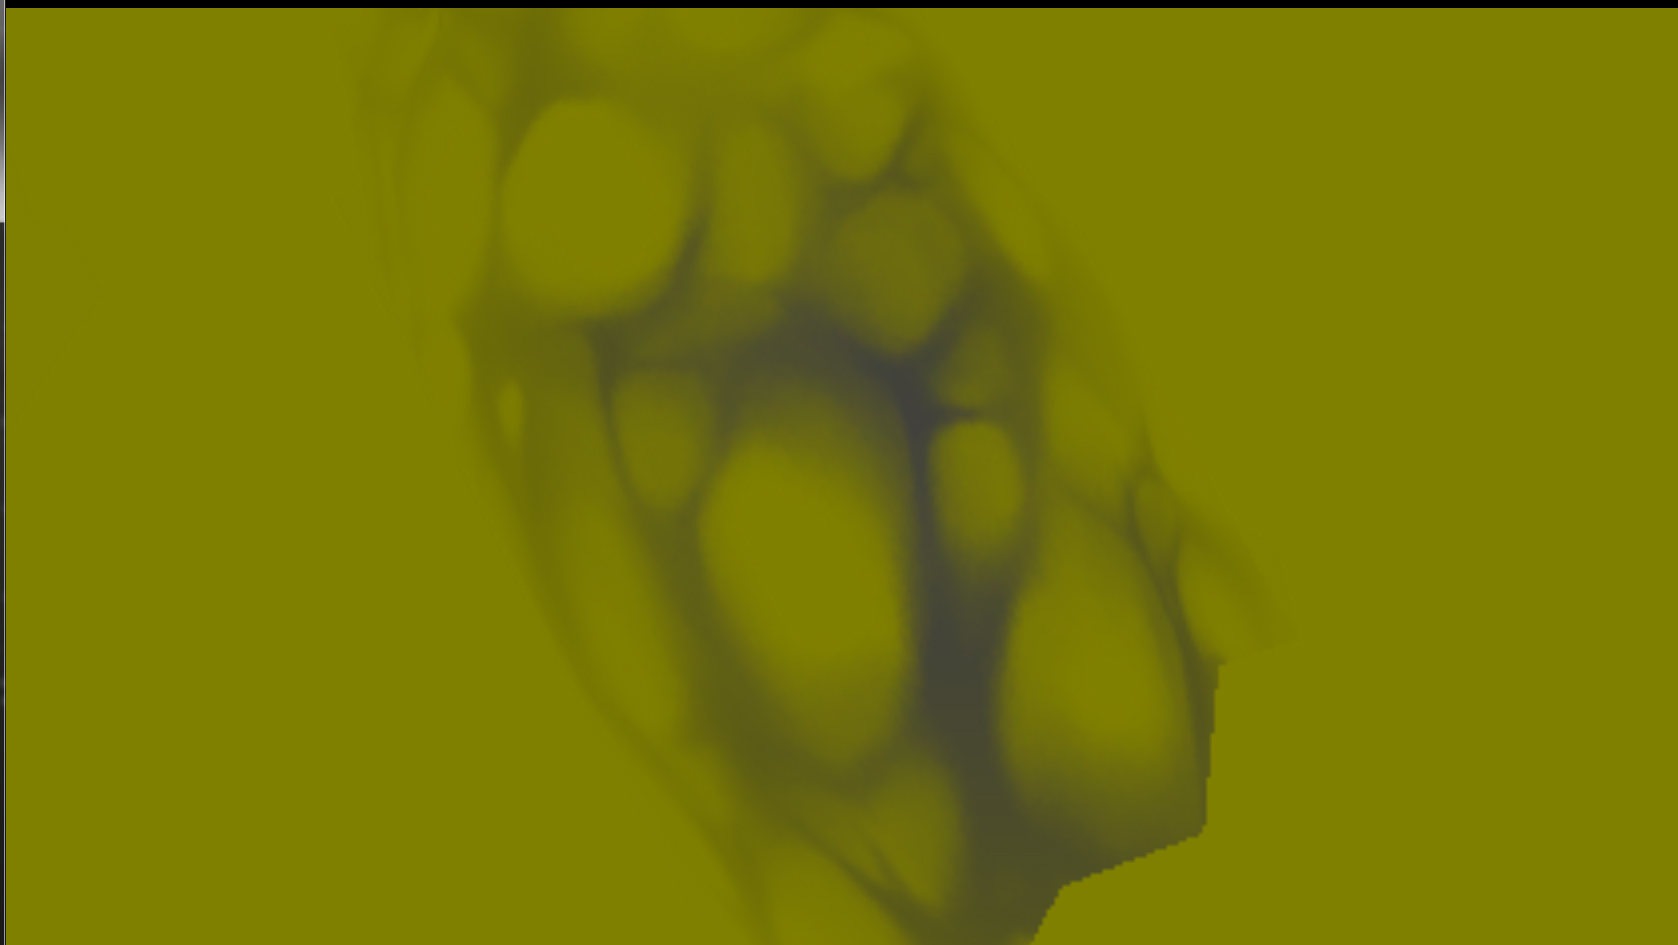 オーラのパーティクルの模様形状の速度情報をベロシティバッファに書き込むことでモーションブラーの処理フェーズで交換歪み表現を行なわせている